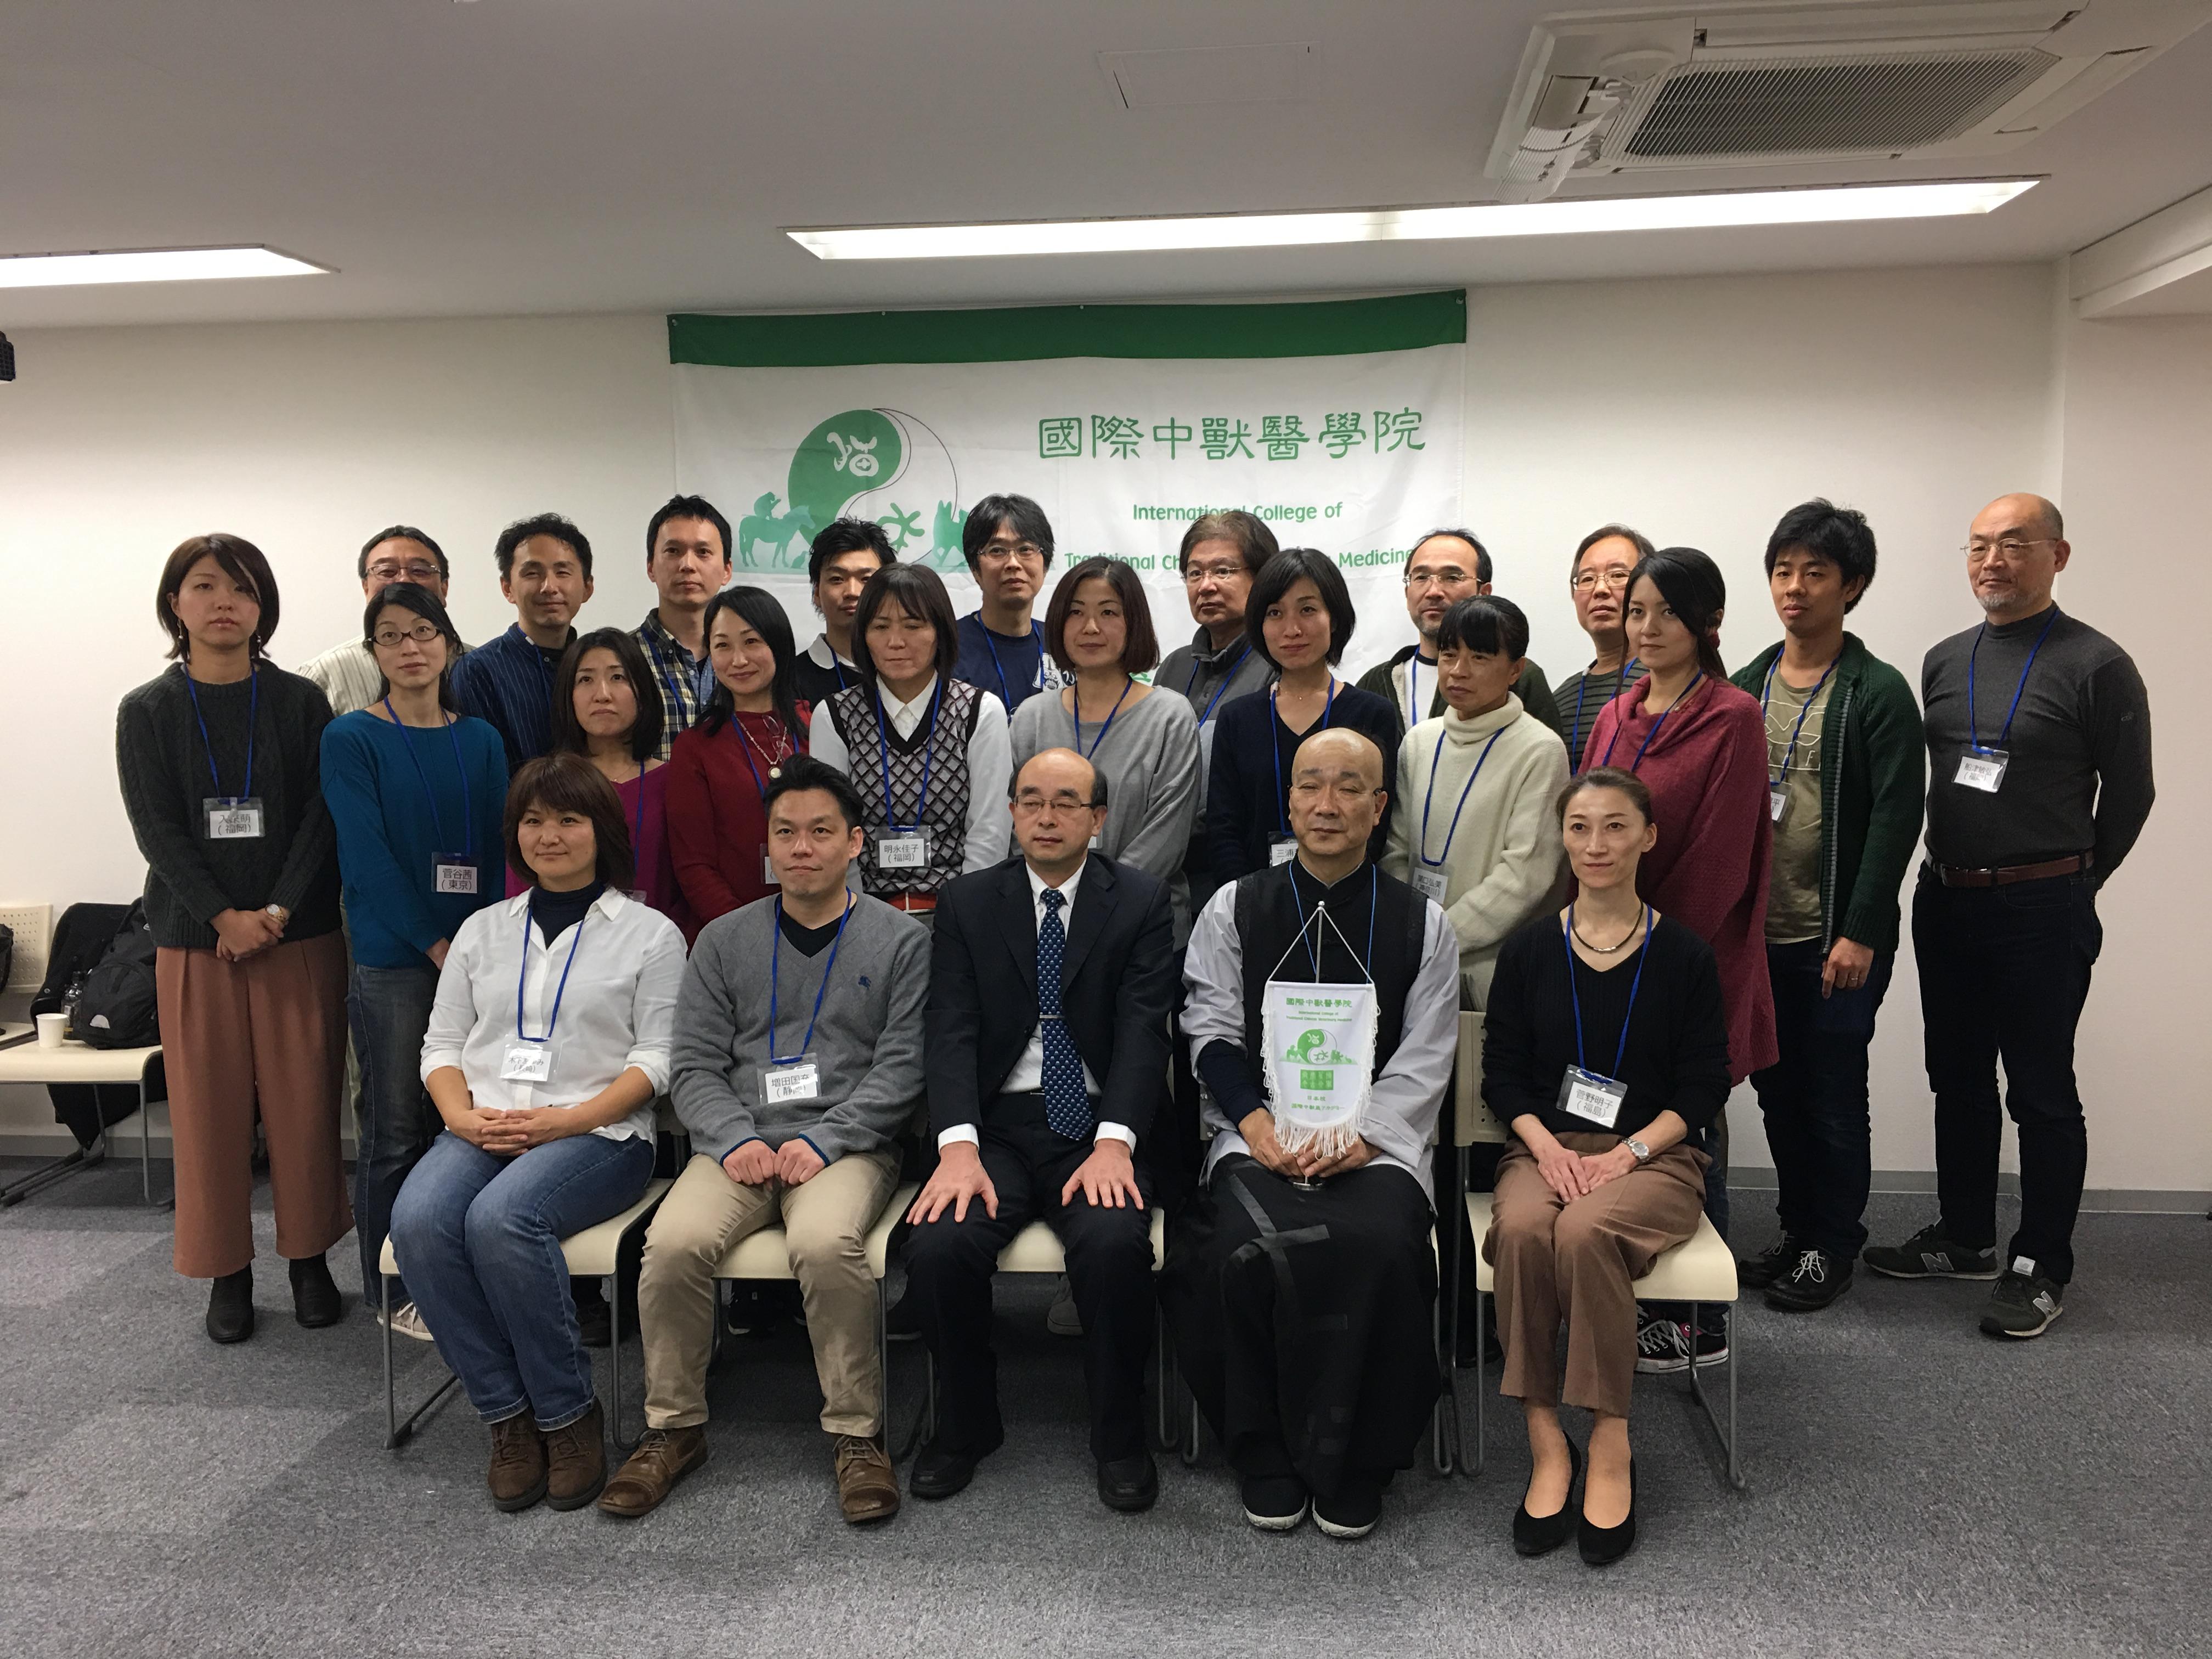 2017.12.10_陳武先生来日特別講義(03)|国際中獣医学院日本校